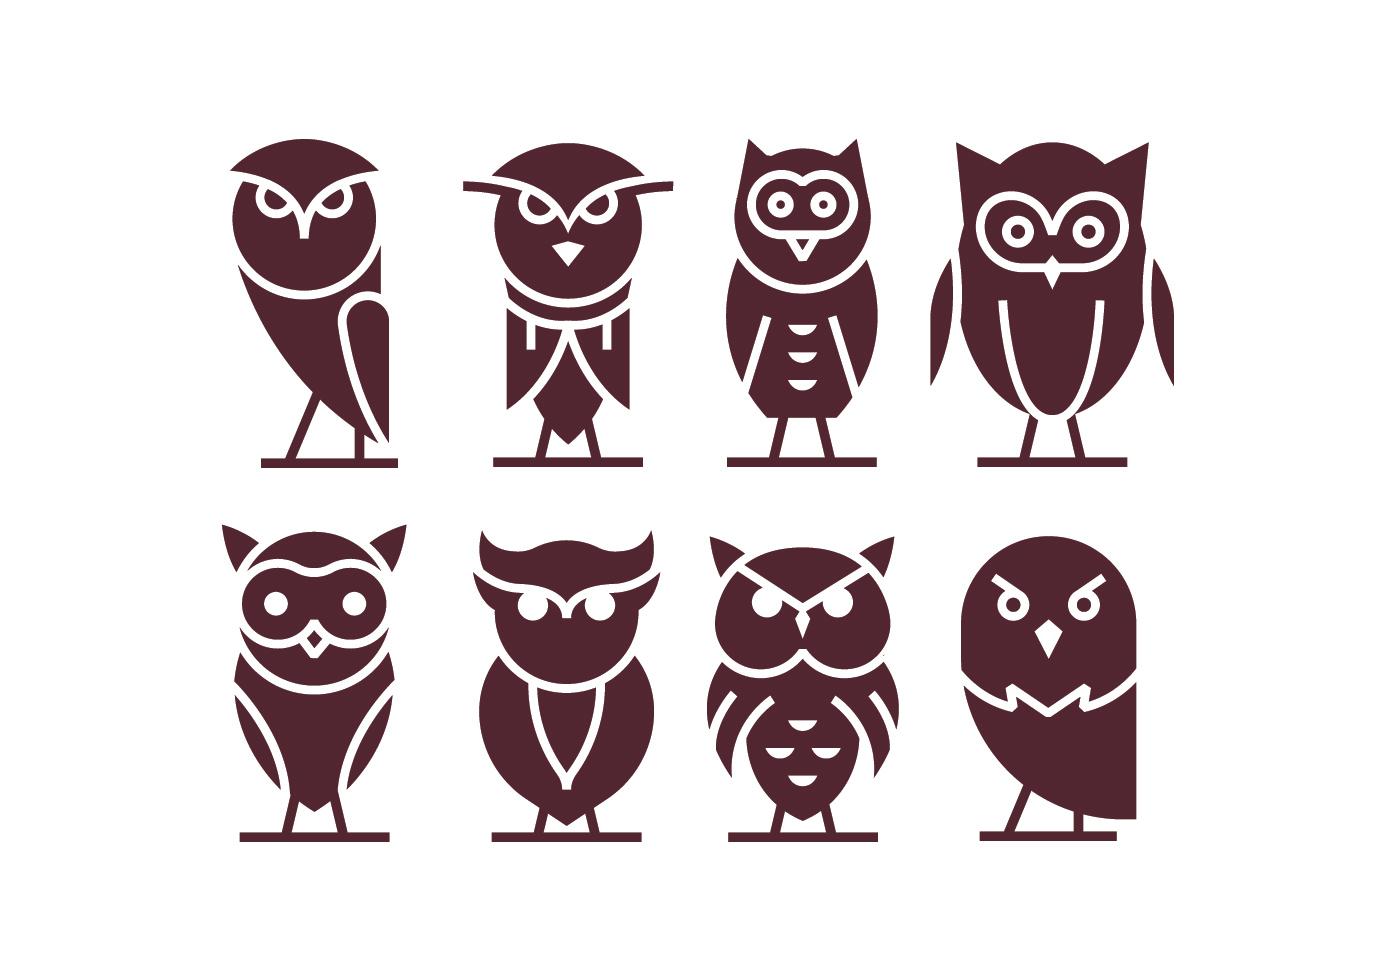 Iconos del vector Buho - Descargue Gráficos y Vectores Gratis